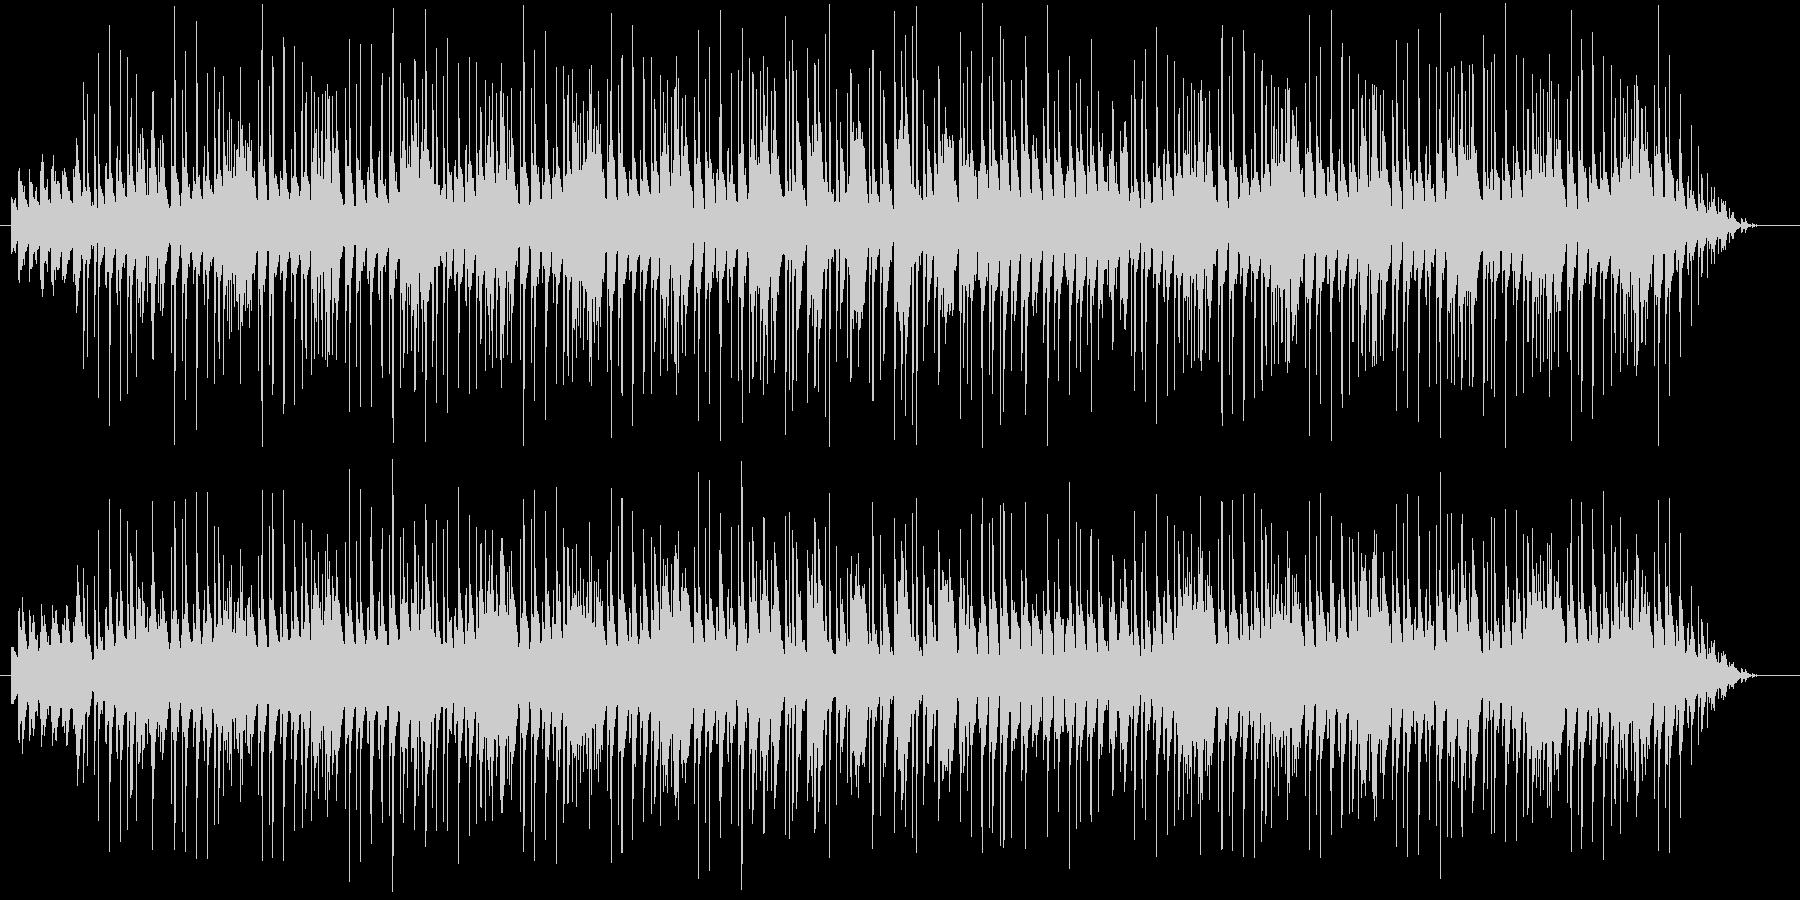 ウキウキ気分の可愛いBGMの未再生の波形